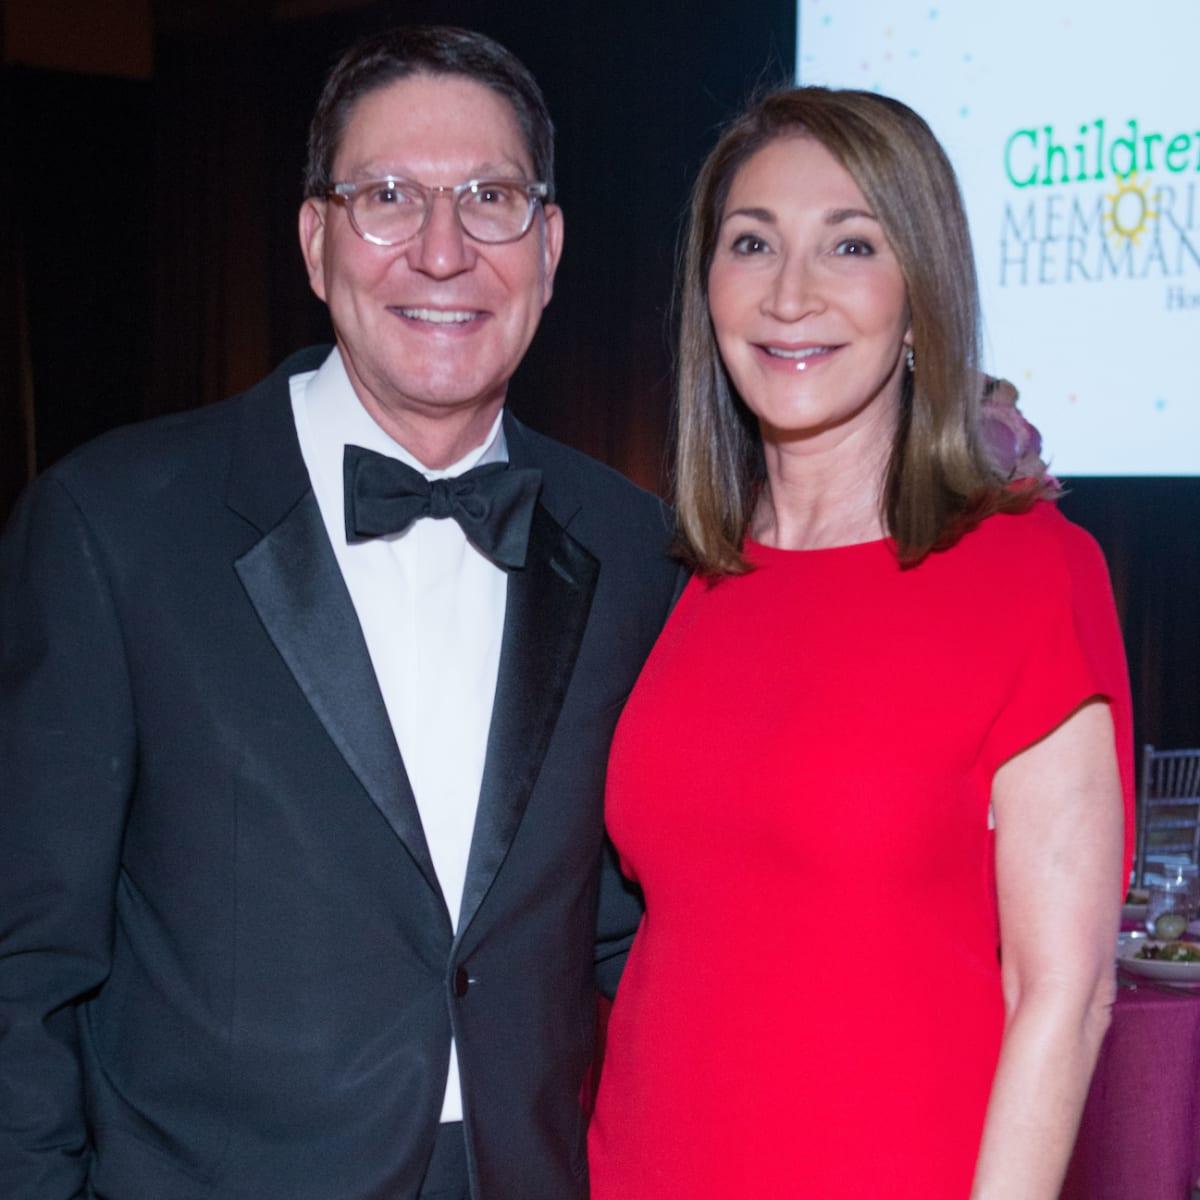 Scott and Soraya McClelland at Memorial Hermann Gala